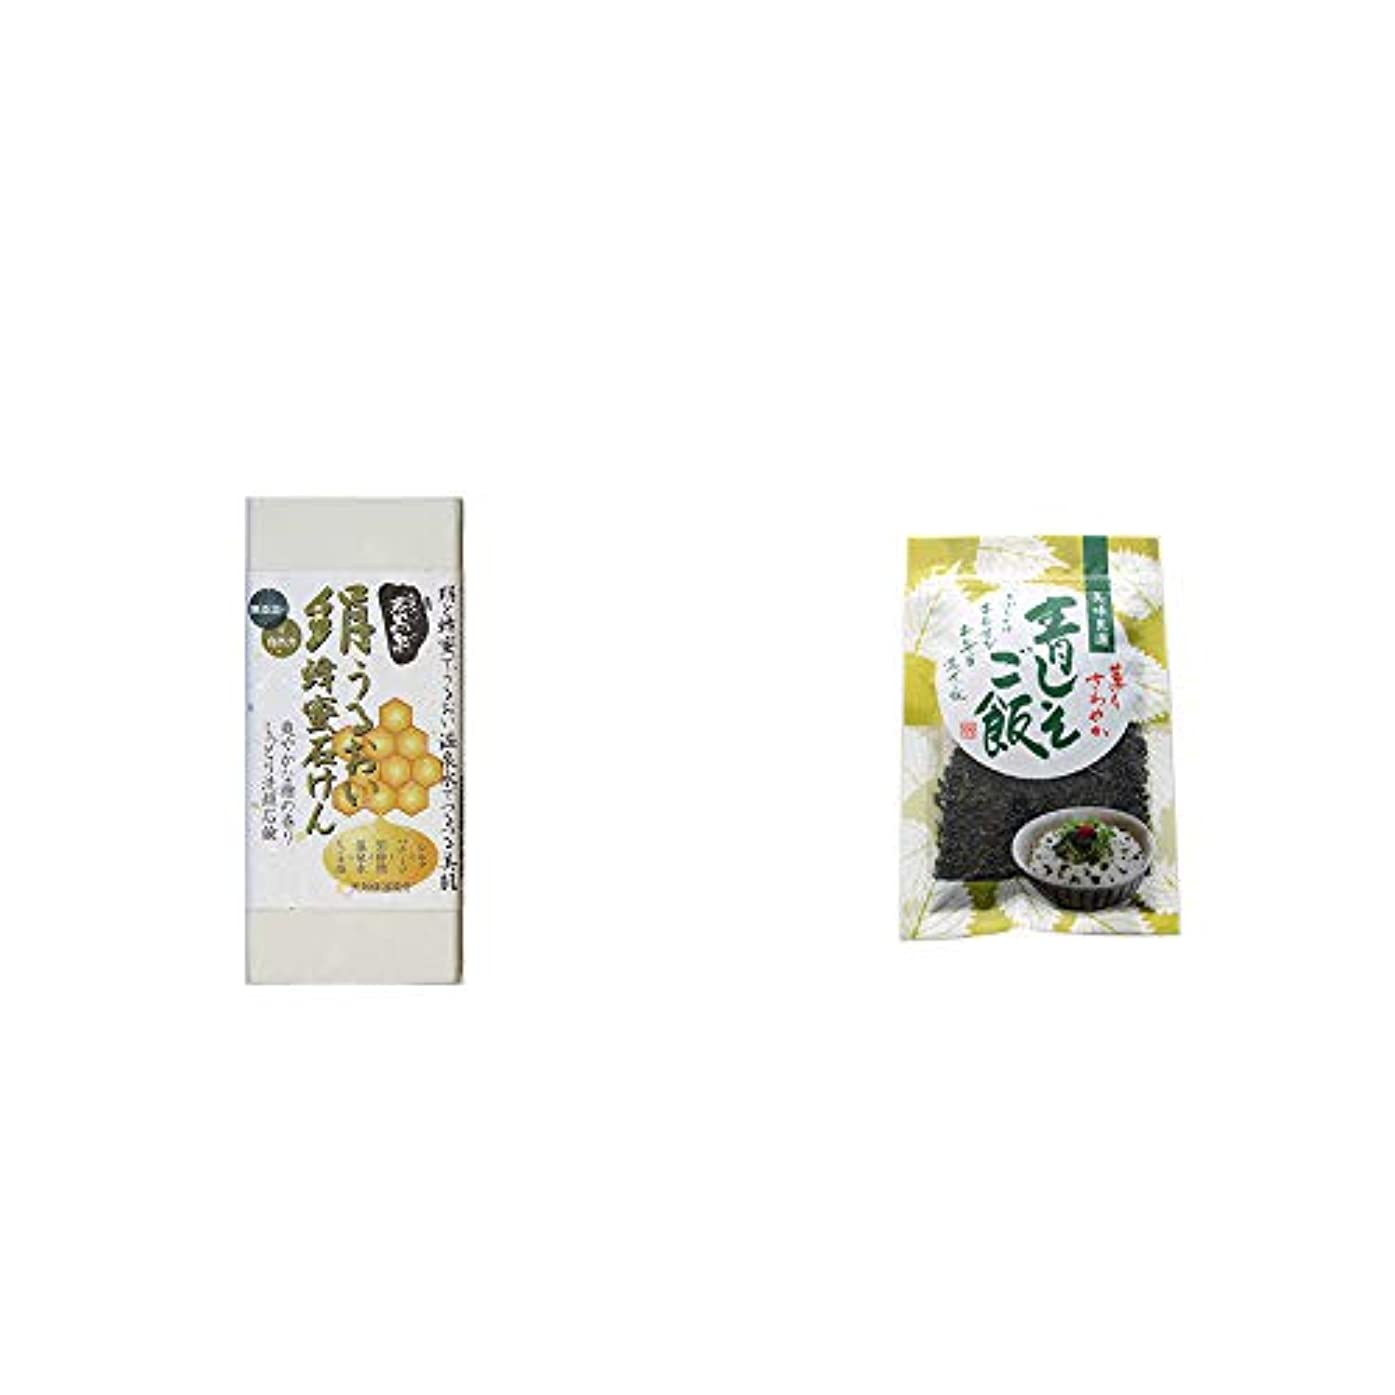 発症十分ではないデモンストレーション[2点セット] ひのき炭黒泉 絹うるおい蜂蜜石けん(75g×2)?薫りさわやか 青しそご飯(80g)